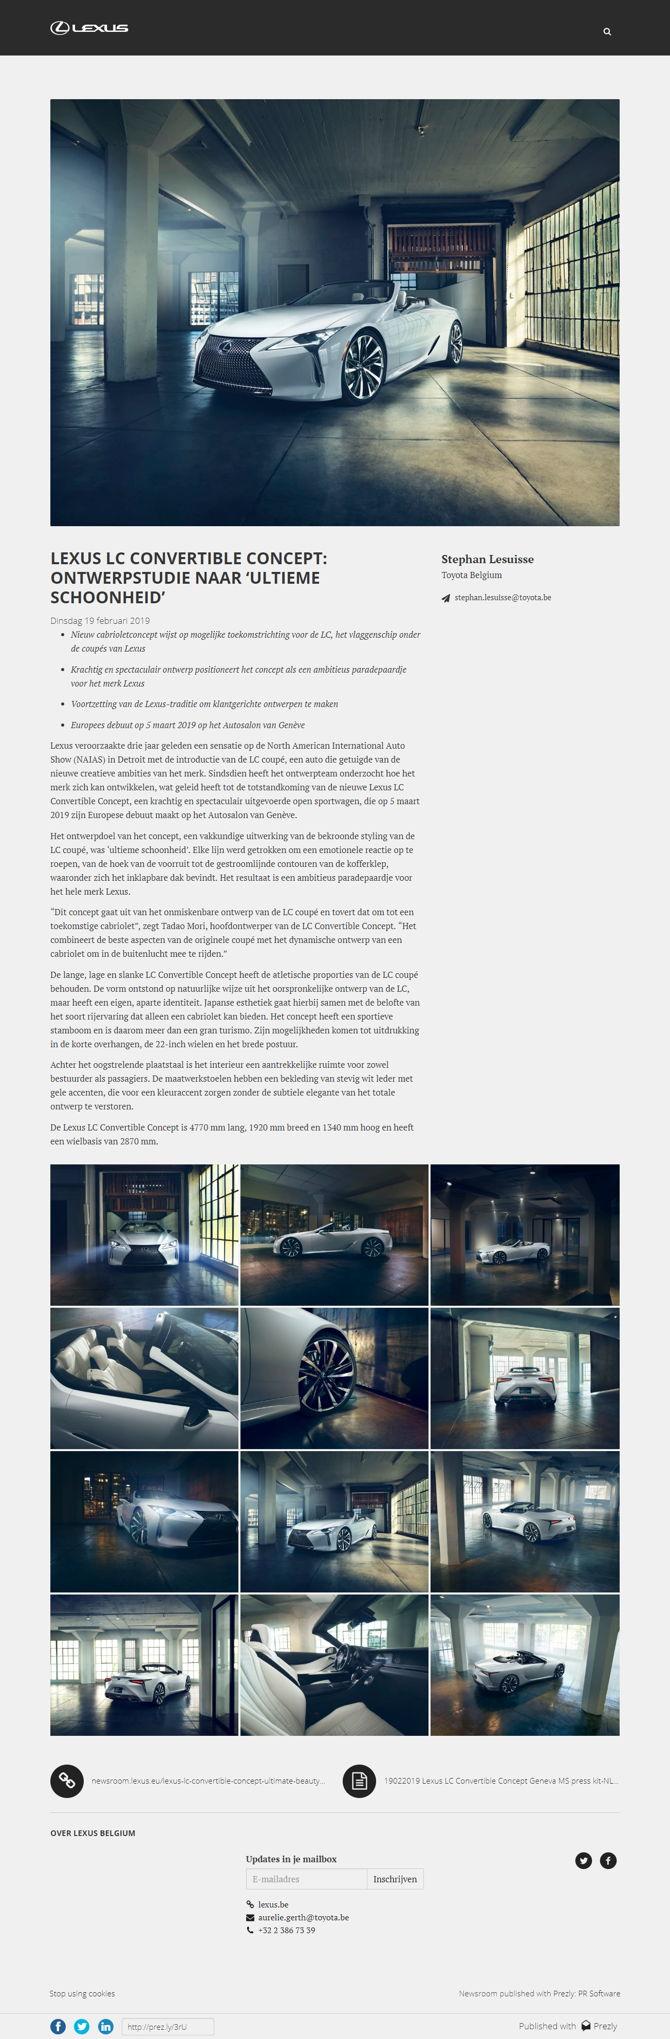 LEXUS LC CONVERTIBLE CONCEPT: ONTWERPSTUDIE NAAR 'ULTIEME SCHOONHEID'